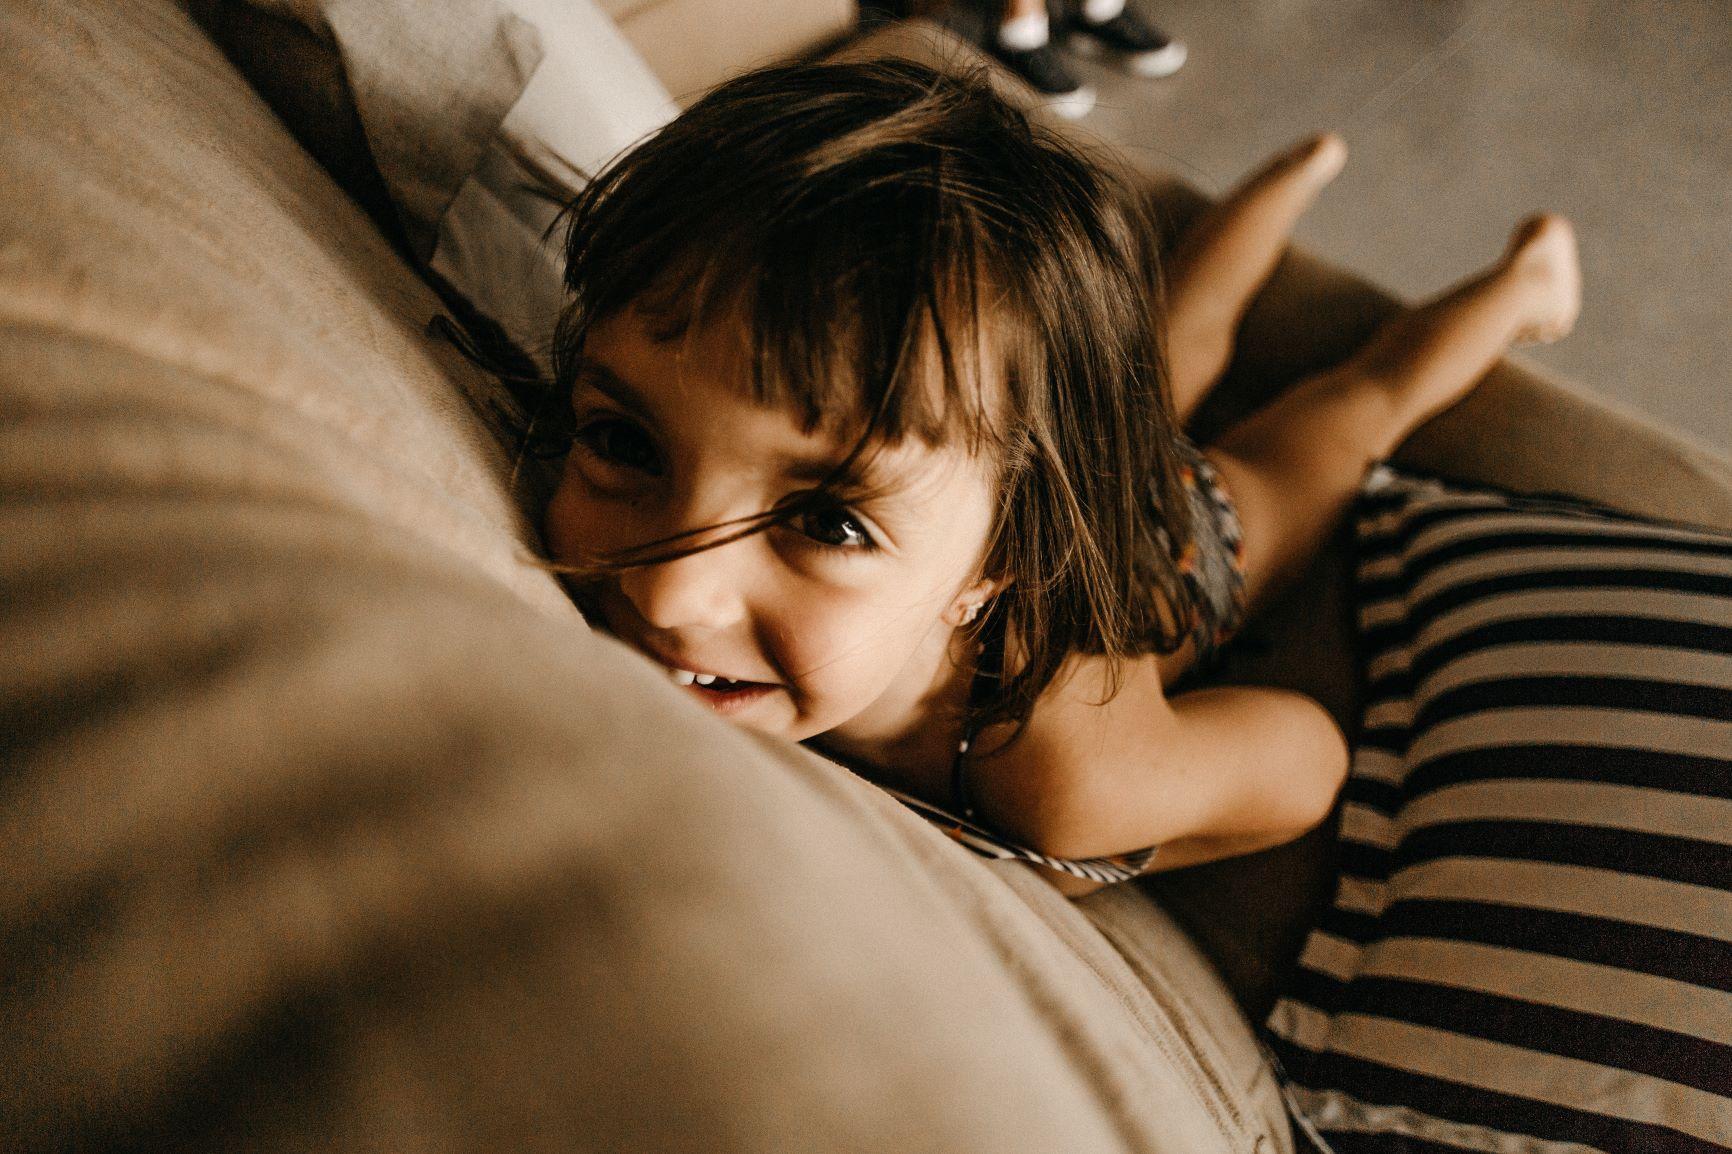 Istraživači smatraju da je vrlo važno obrok pojesti bez stresa te da djecu ne treba prisiljavati da probaju ili da pojedu neku hranu.